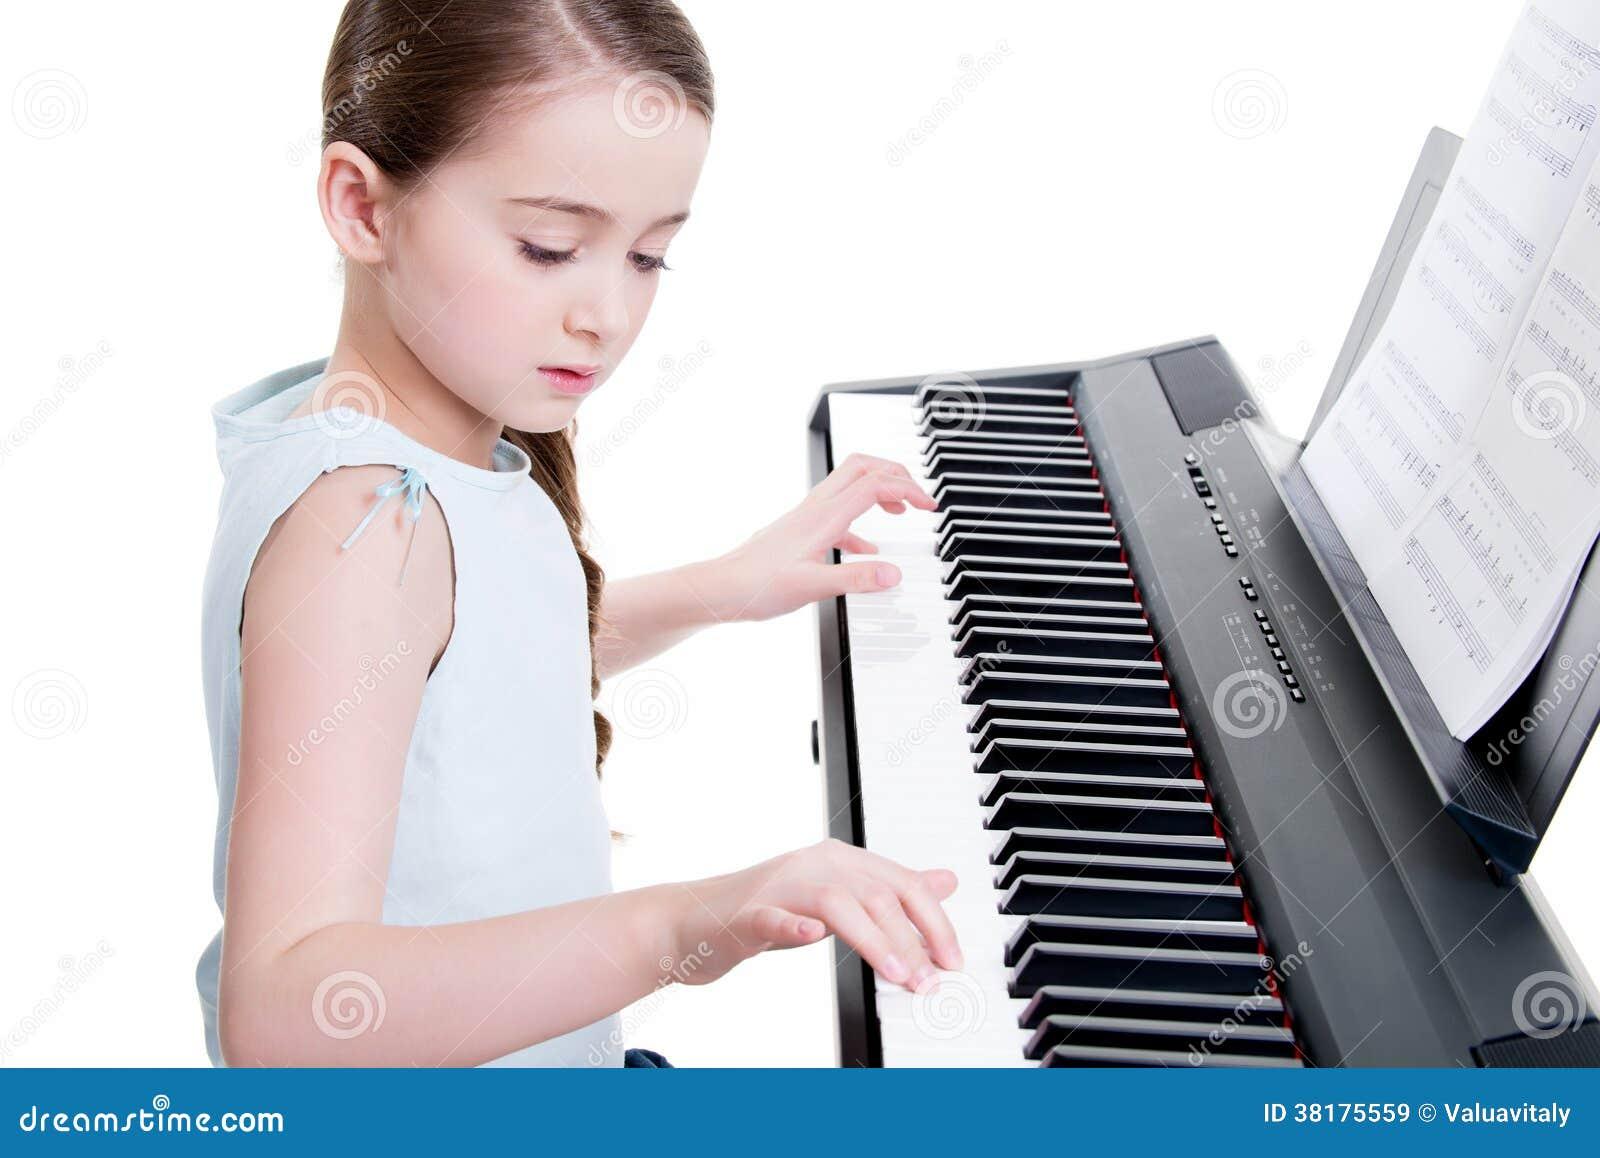 Małych dziewczynek sztuki na elektrycznym pianinie.